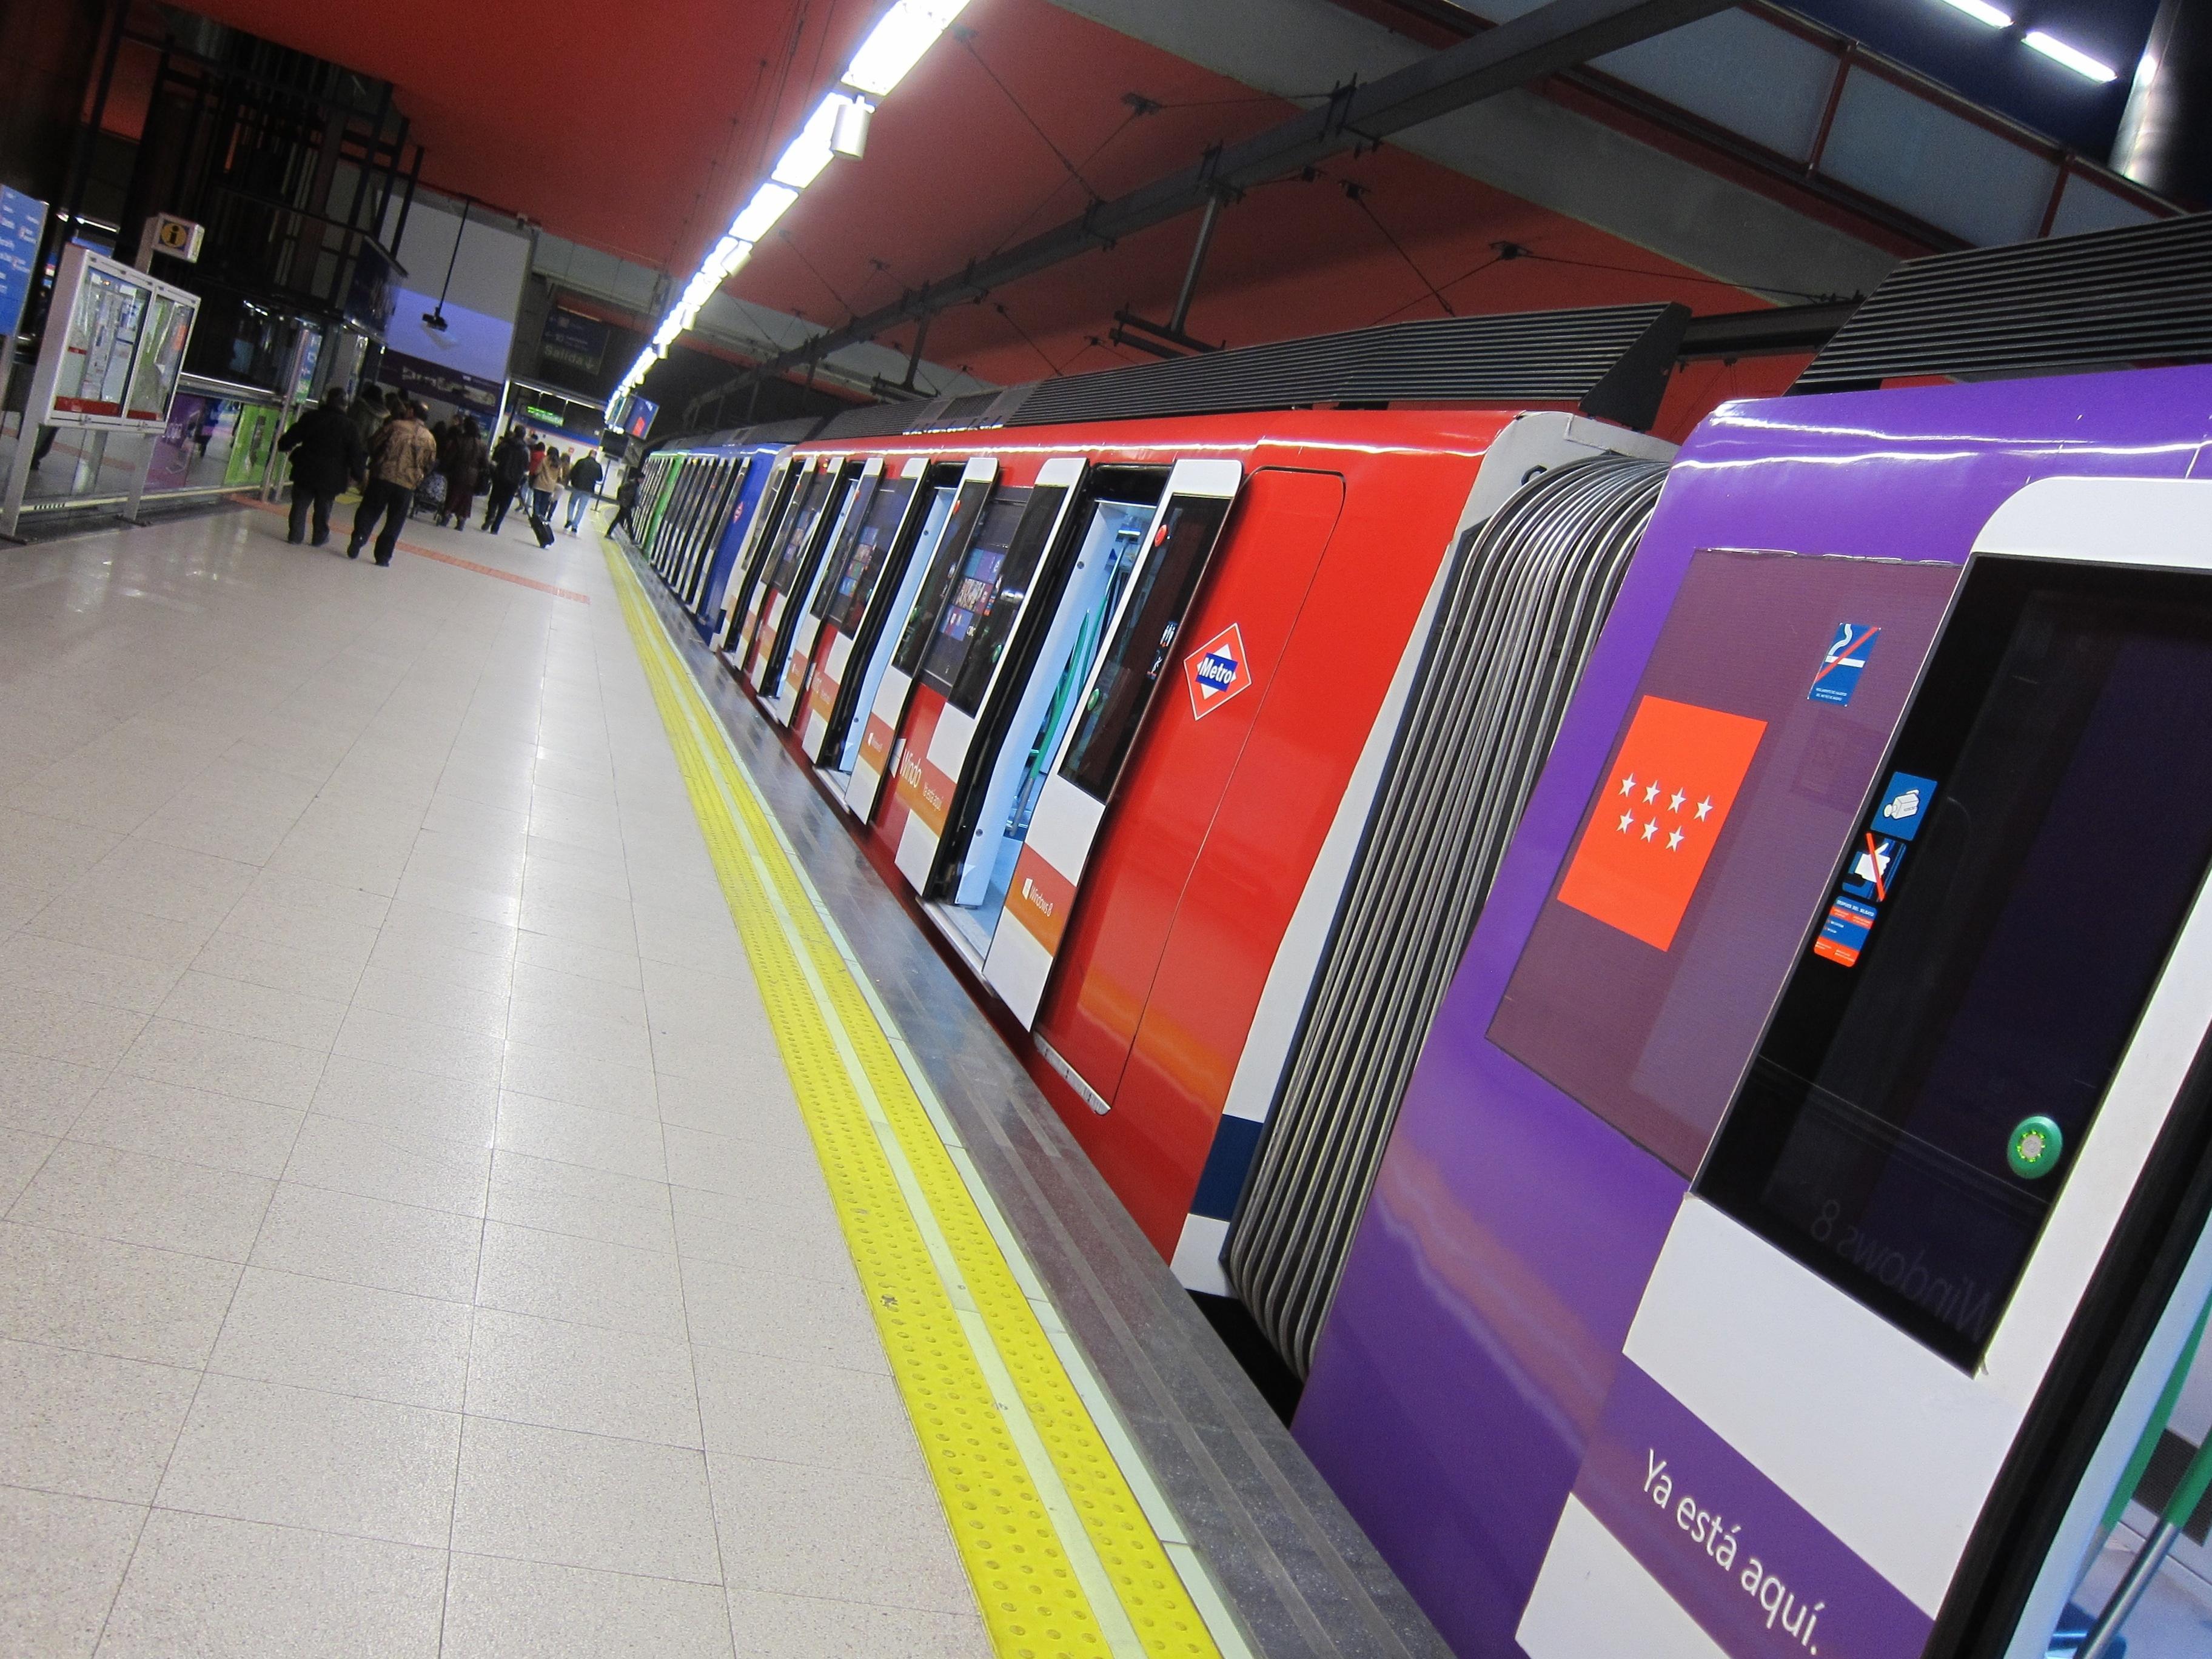 El Gobierno aprueba 275 millones de euros para financiar el déficit extraordinario de los servicios de transporte público